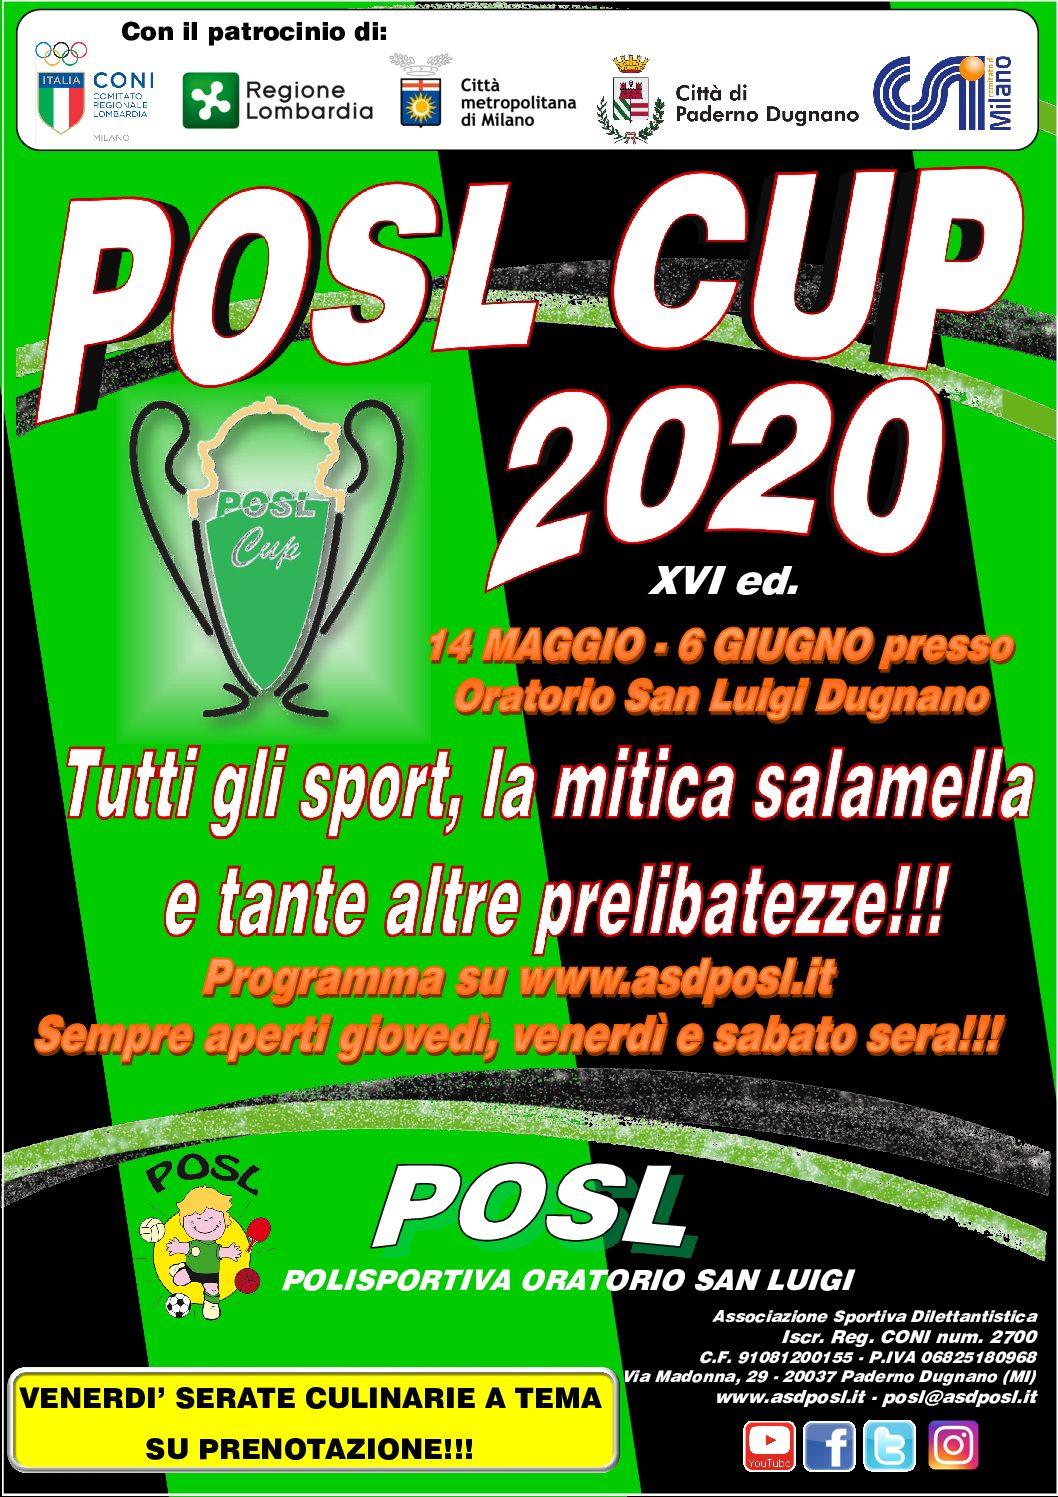 POSL CUP 2020: pronto il programma!